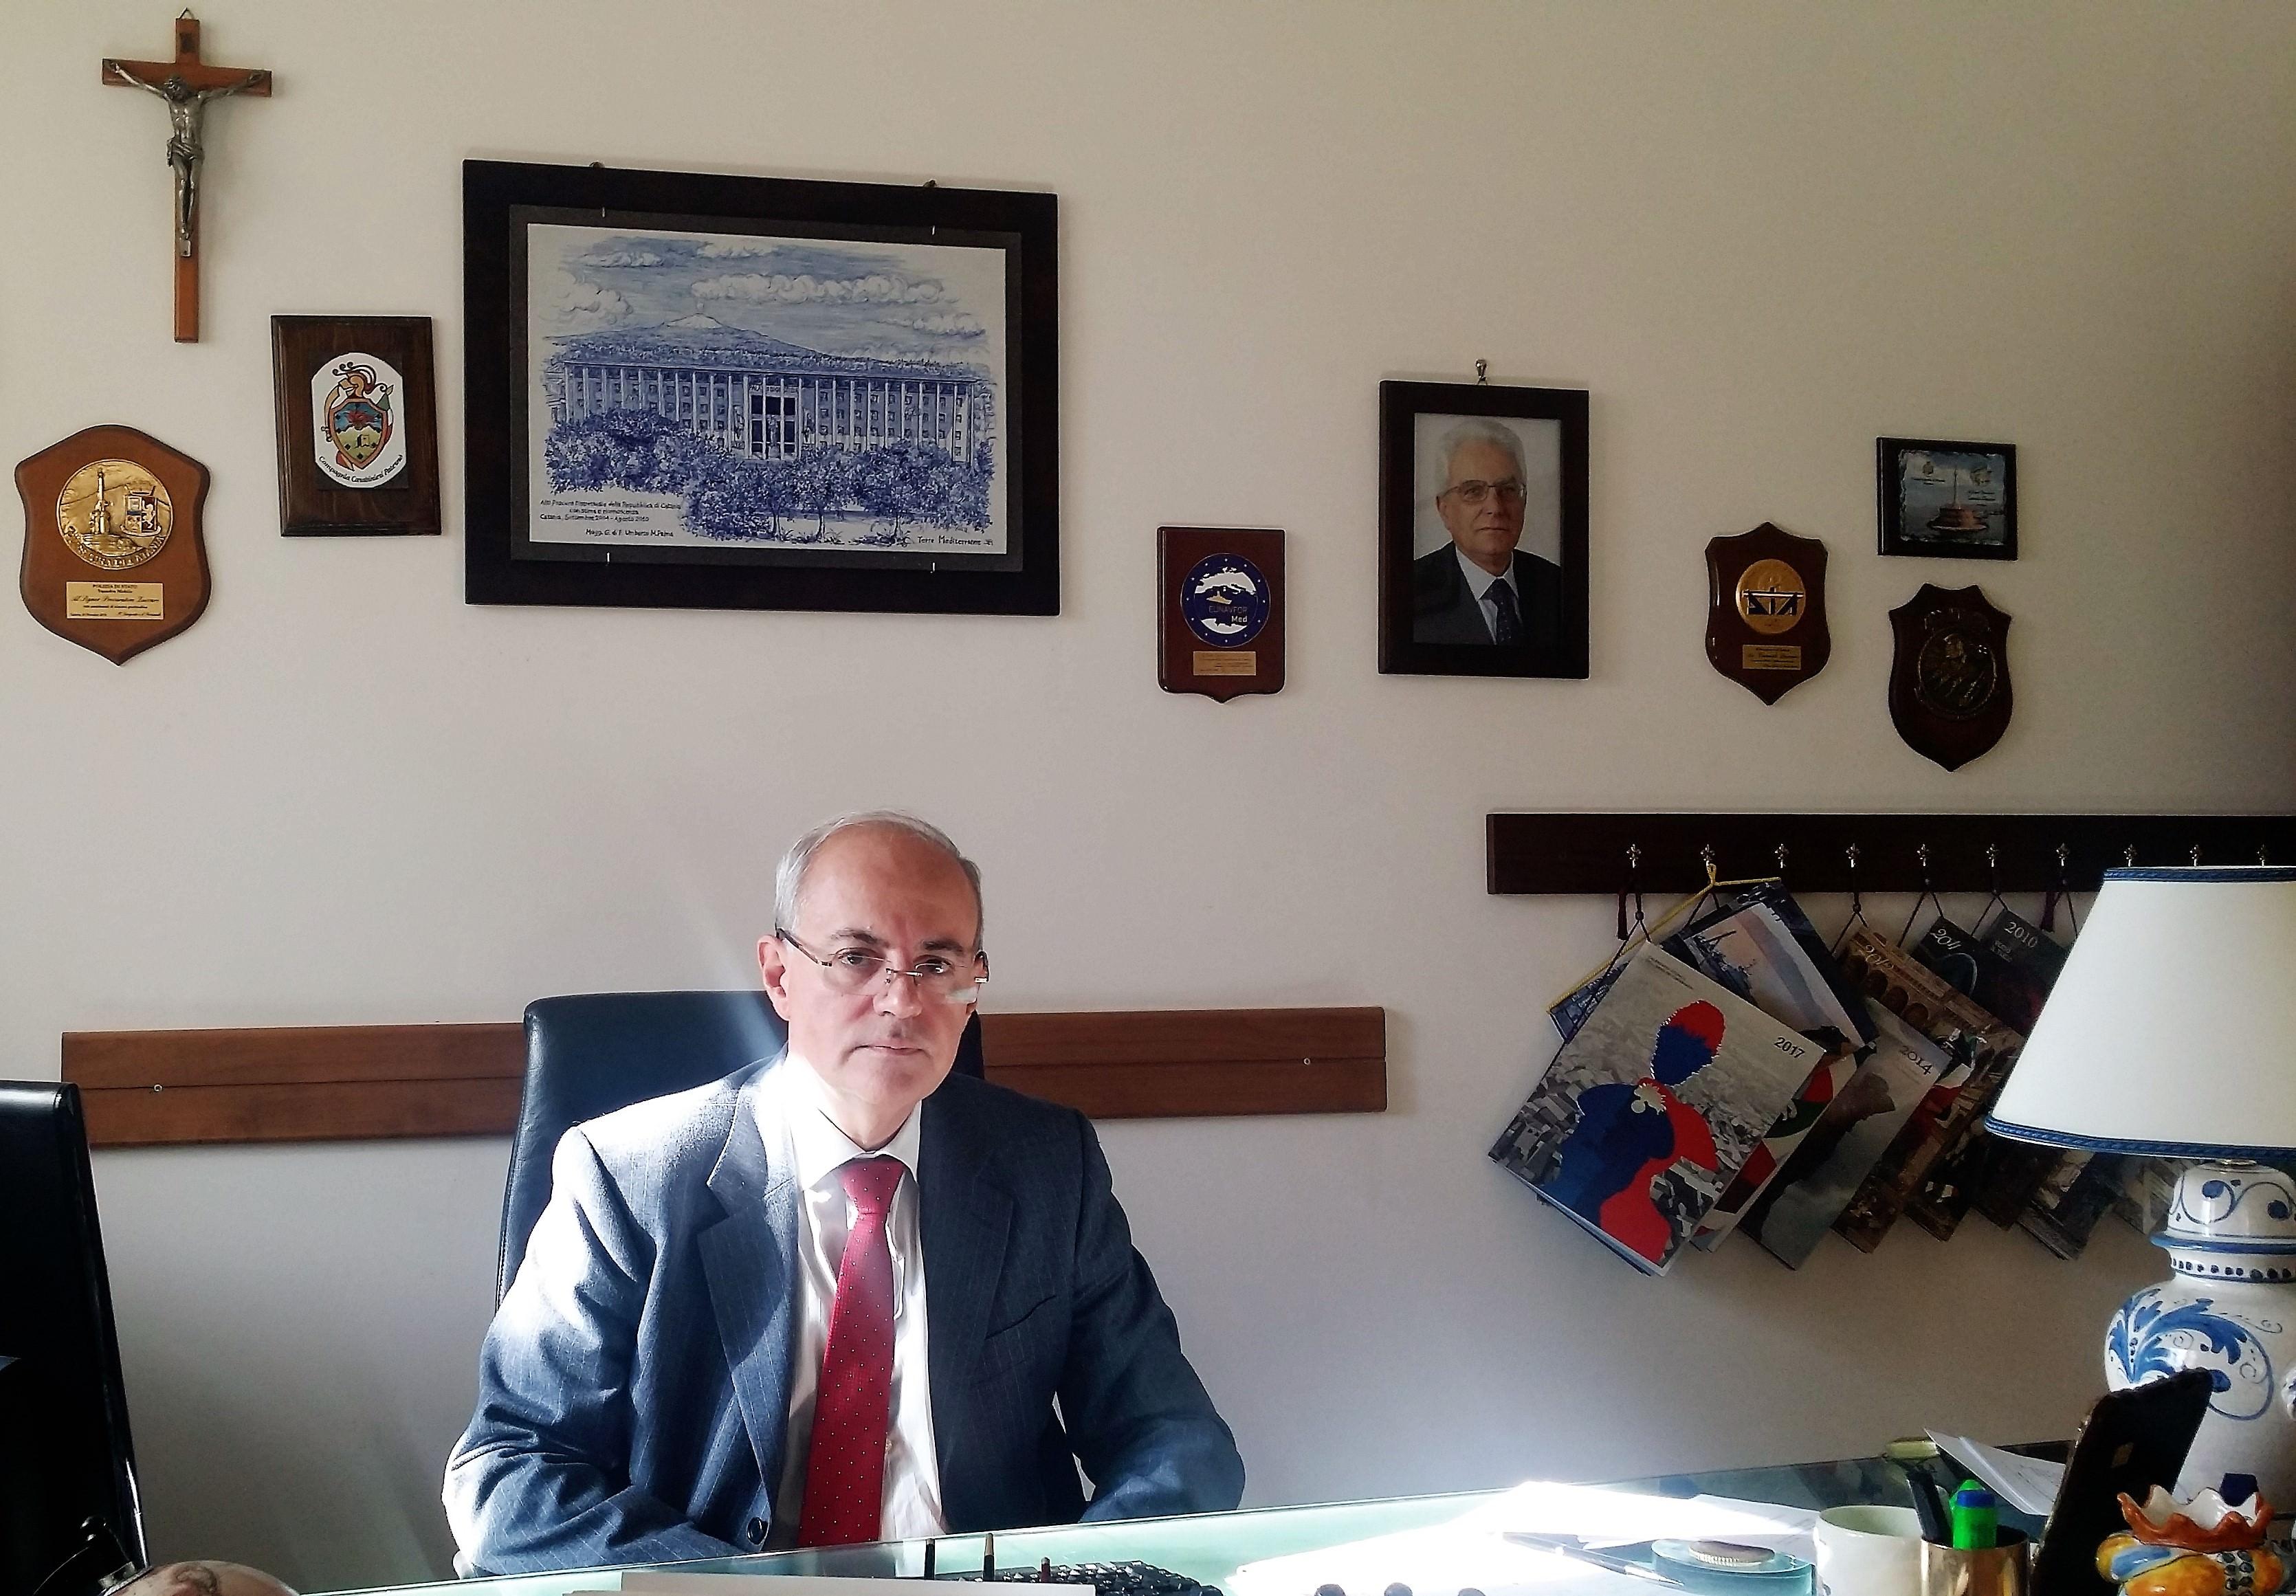 Solidarietà dell'Ordine degli Avvocati di Catania al procuratore Zuccaro